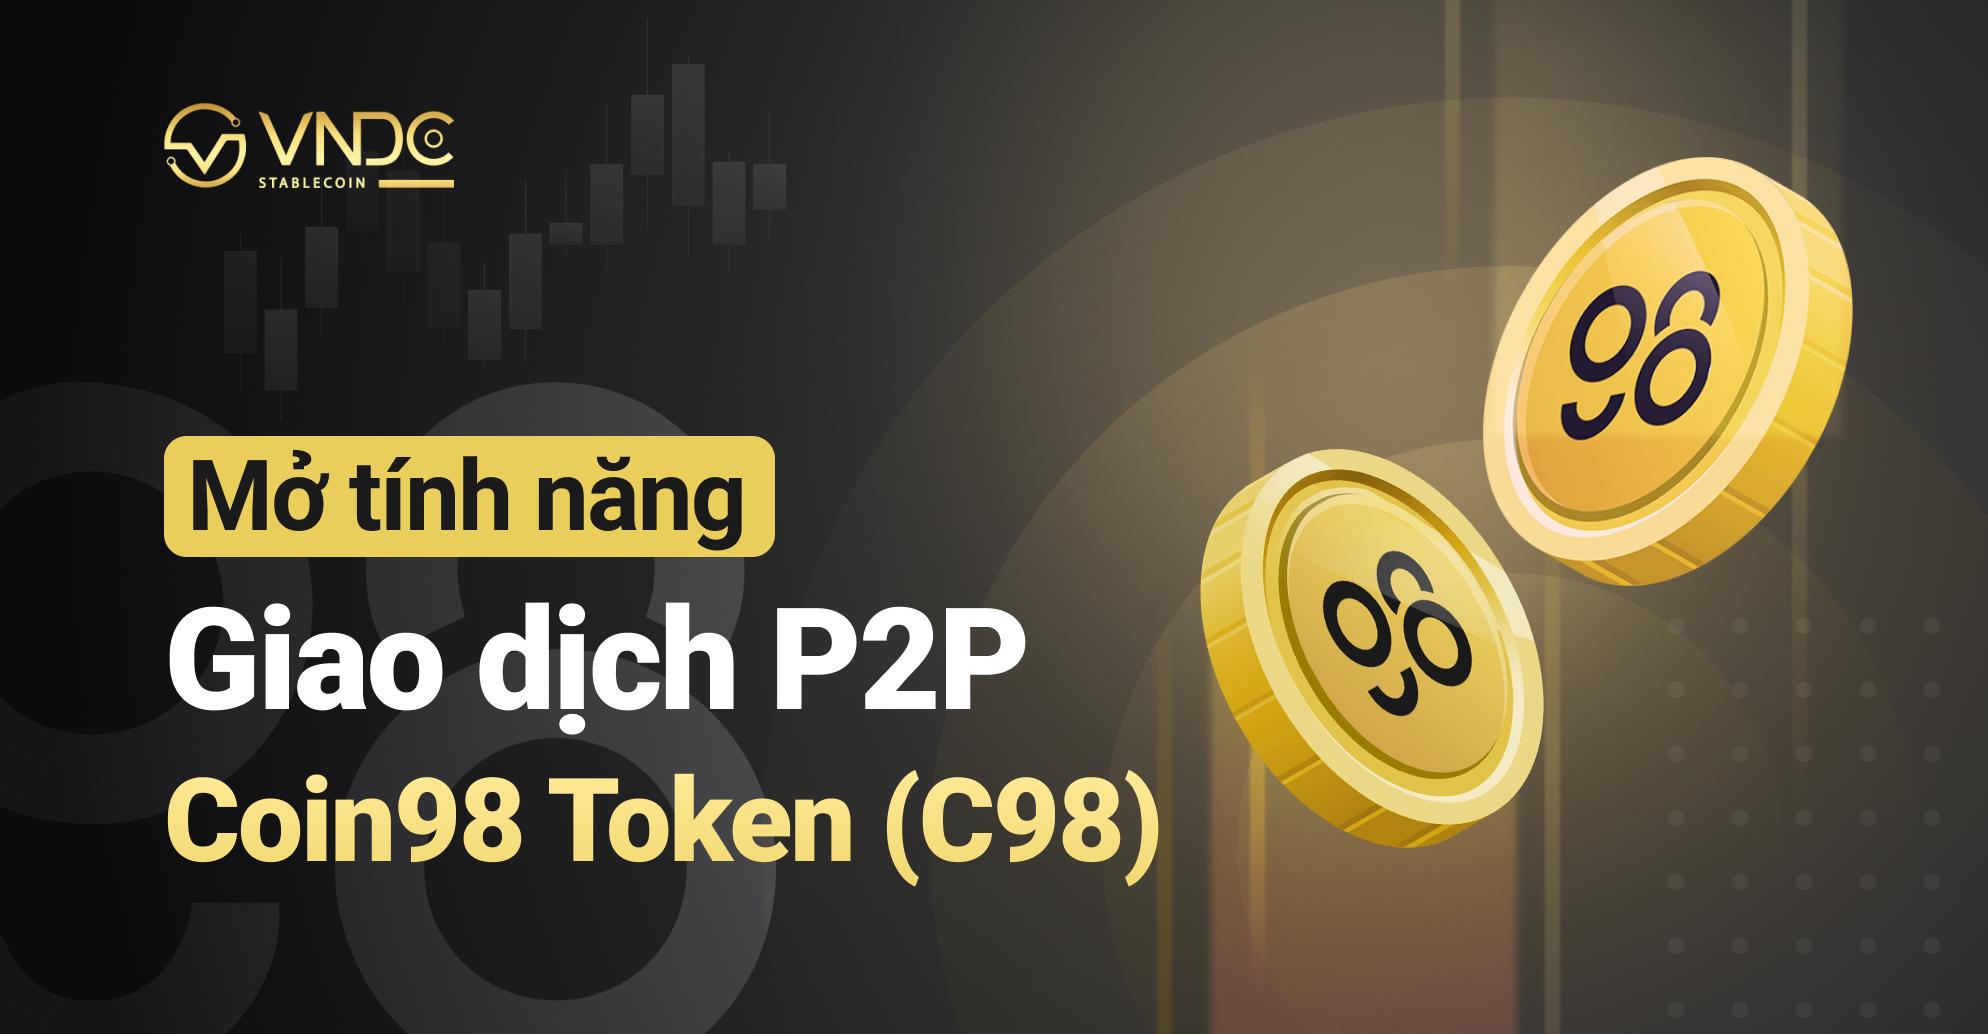 Mở tính năng giao dịch P2P cho Coin98 token (C98)